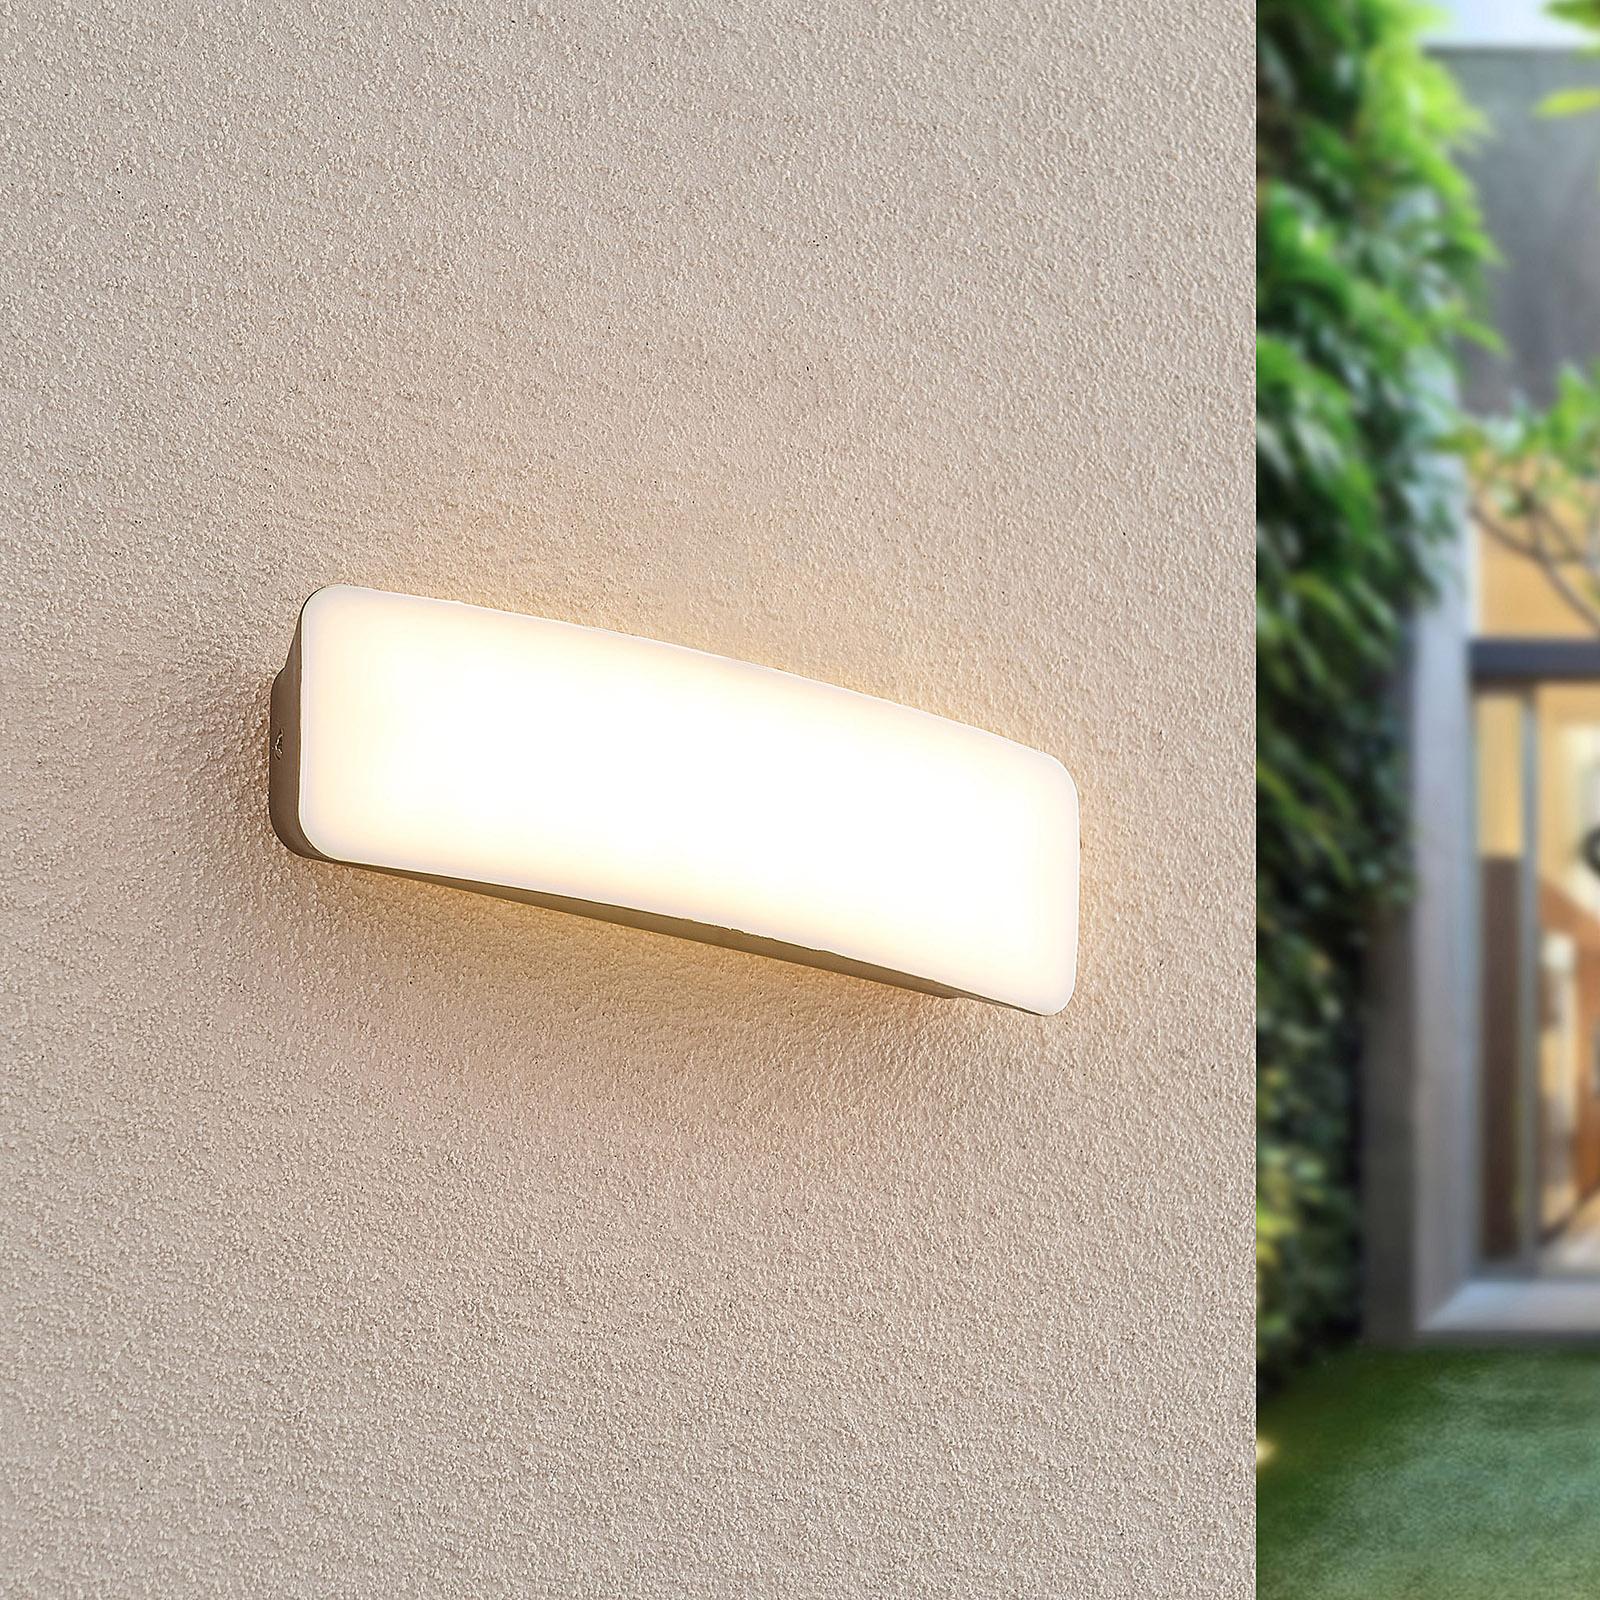 Lucande Lolke udendørs LED-væglampe